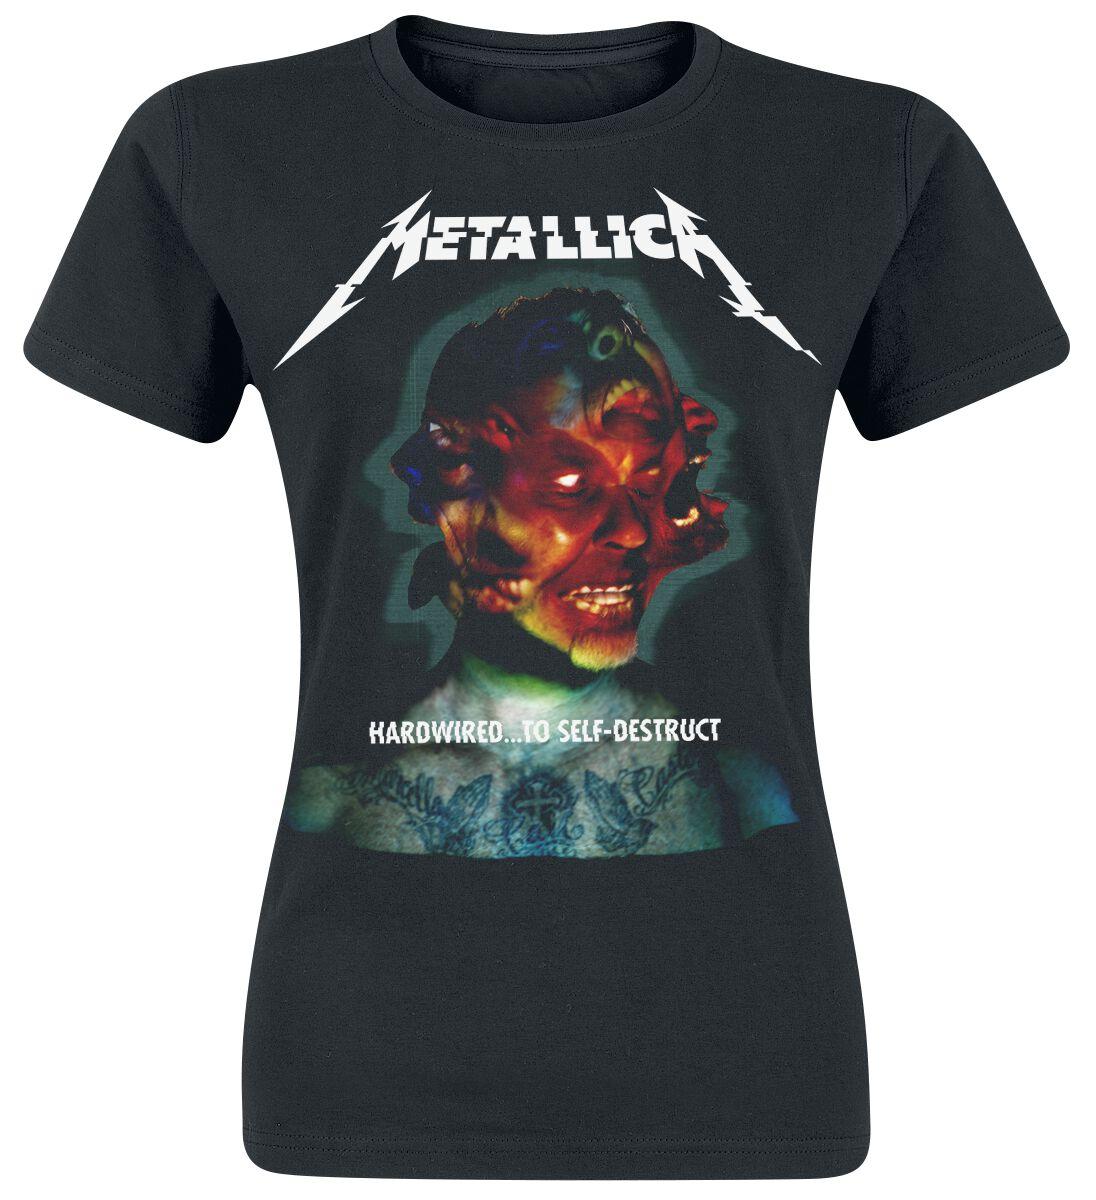 Metallica Hardwired...To Self-Destruct - Frauen - schwarz